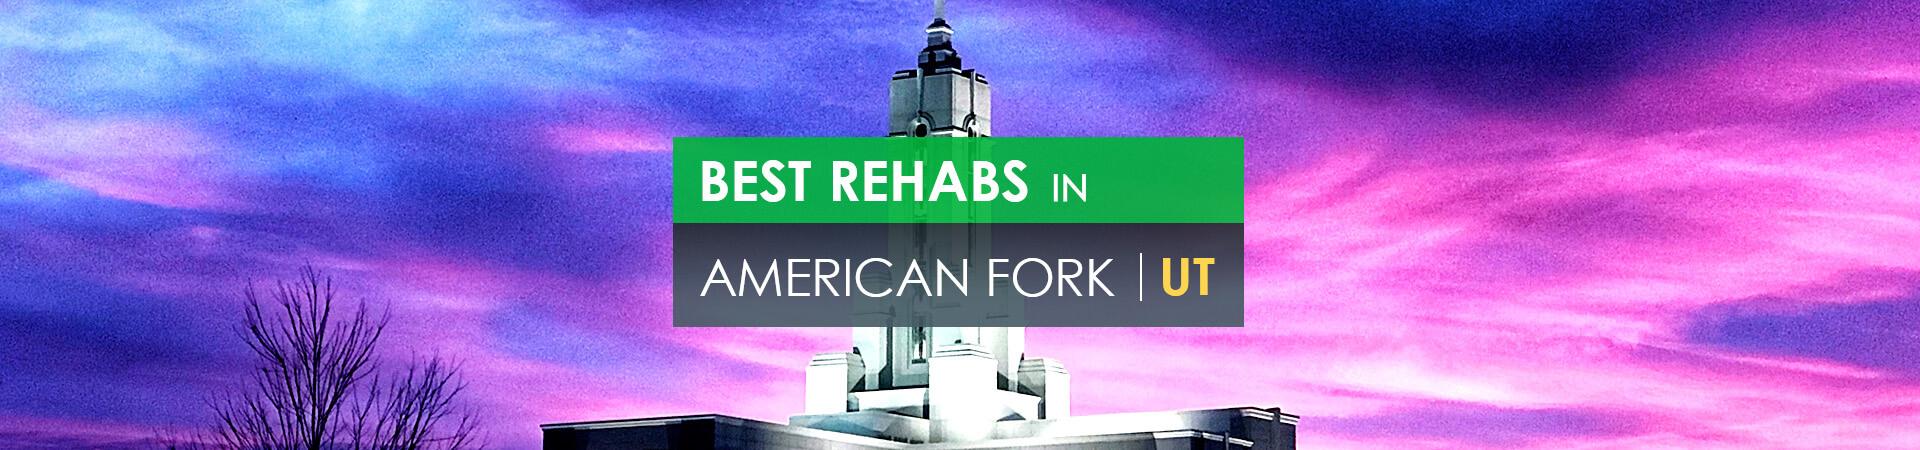 Best rehabs in American Fork, UT